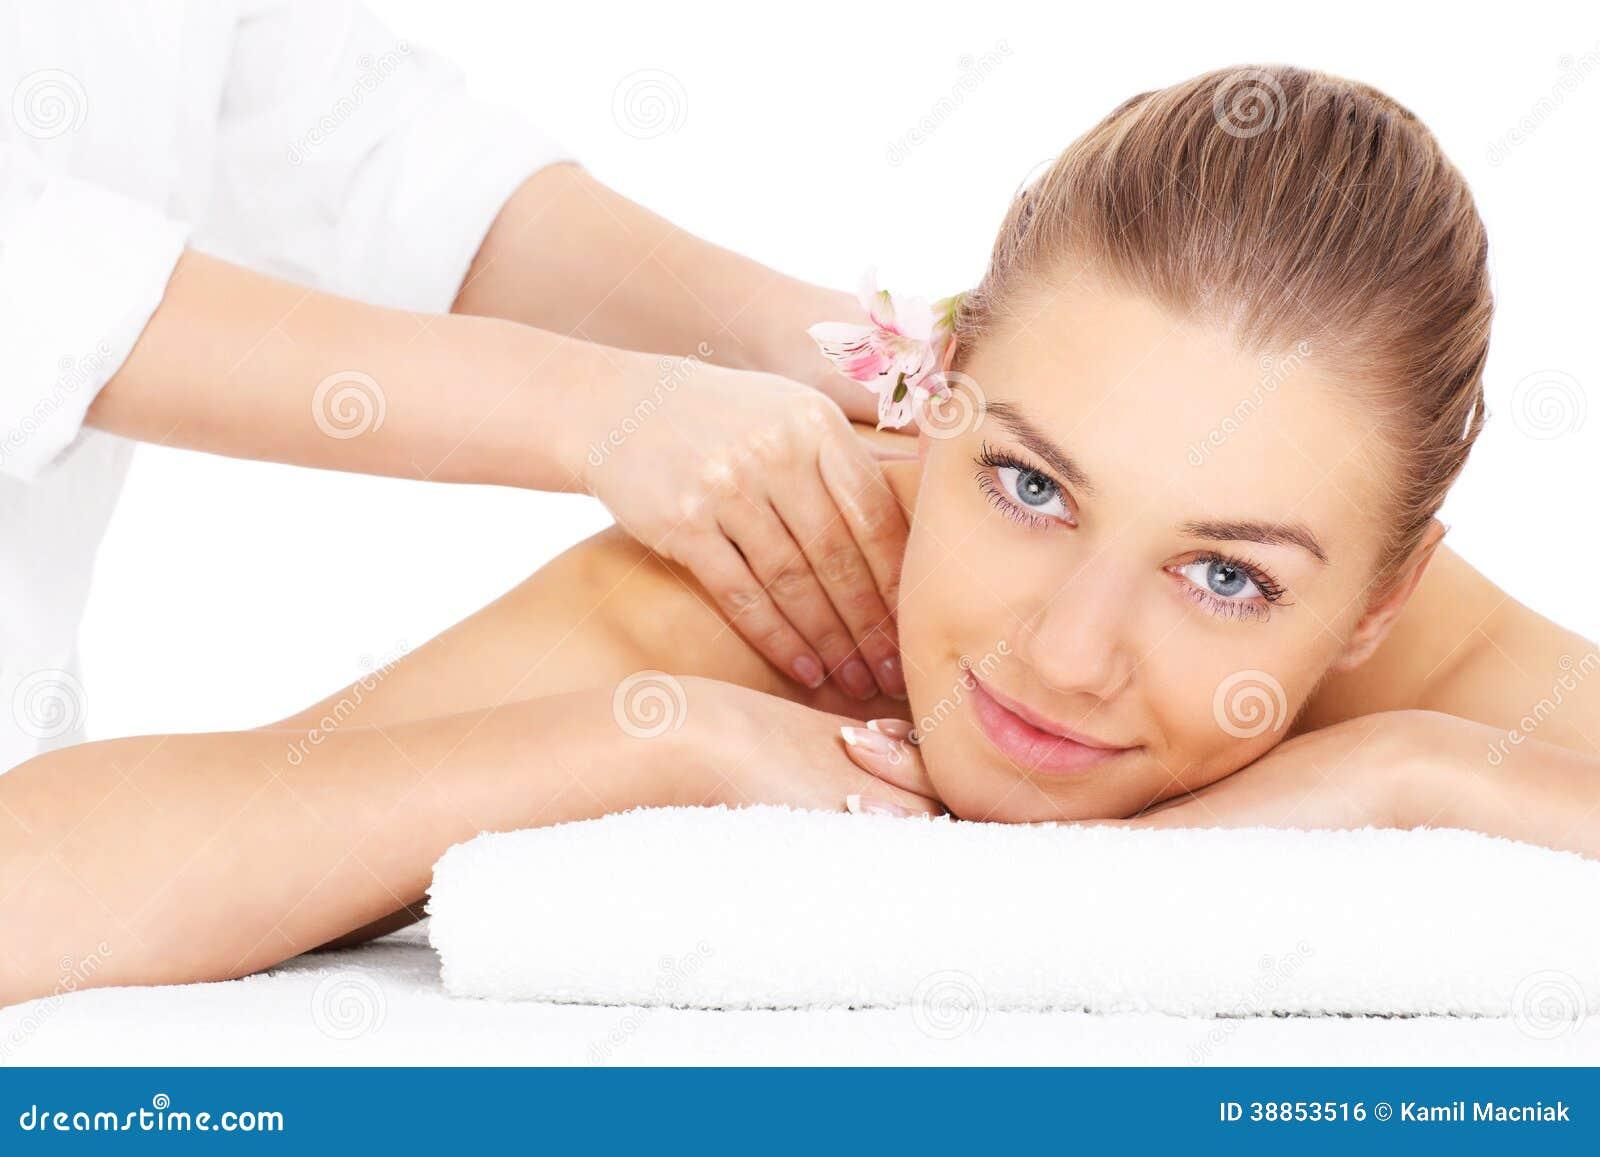 Frau massieren